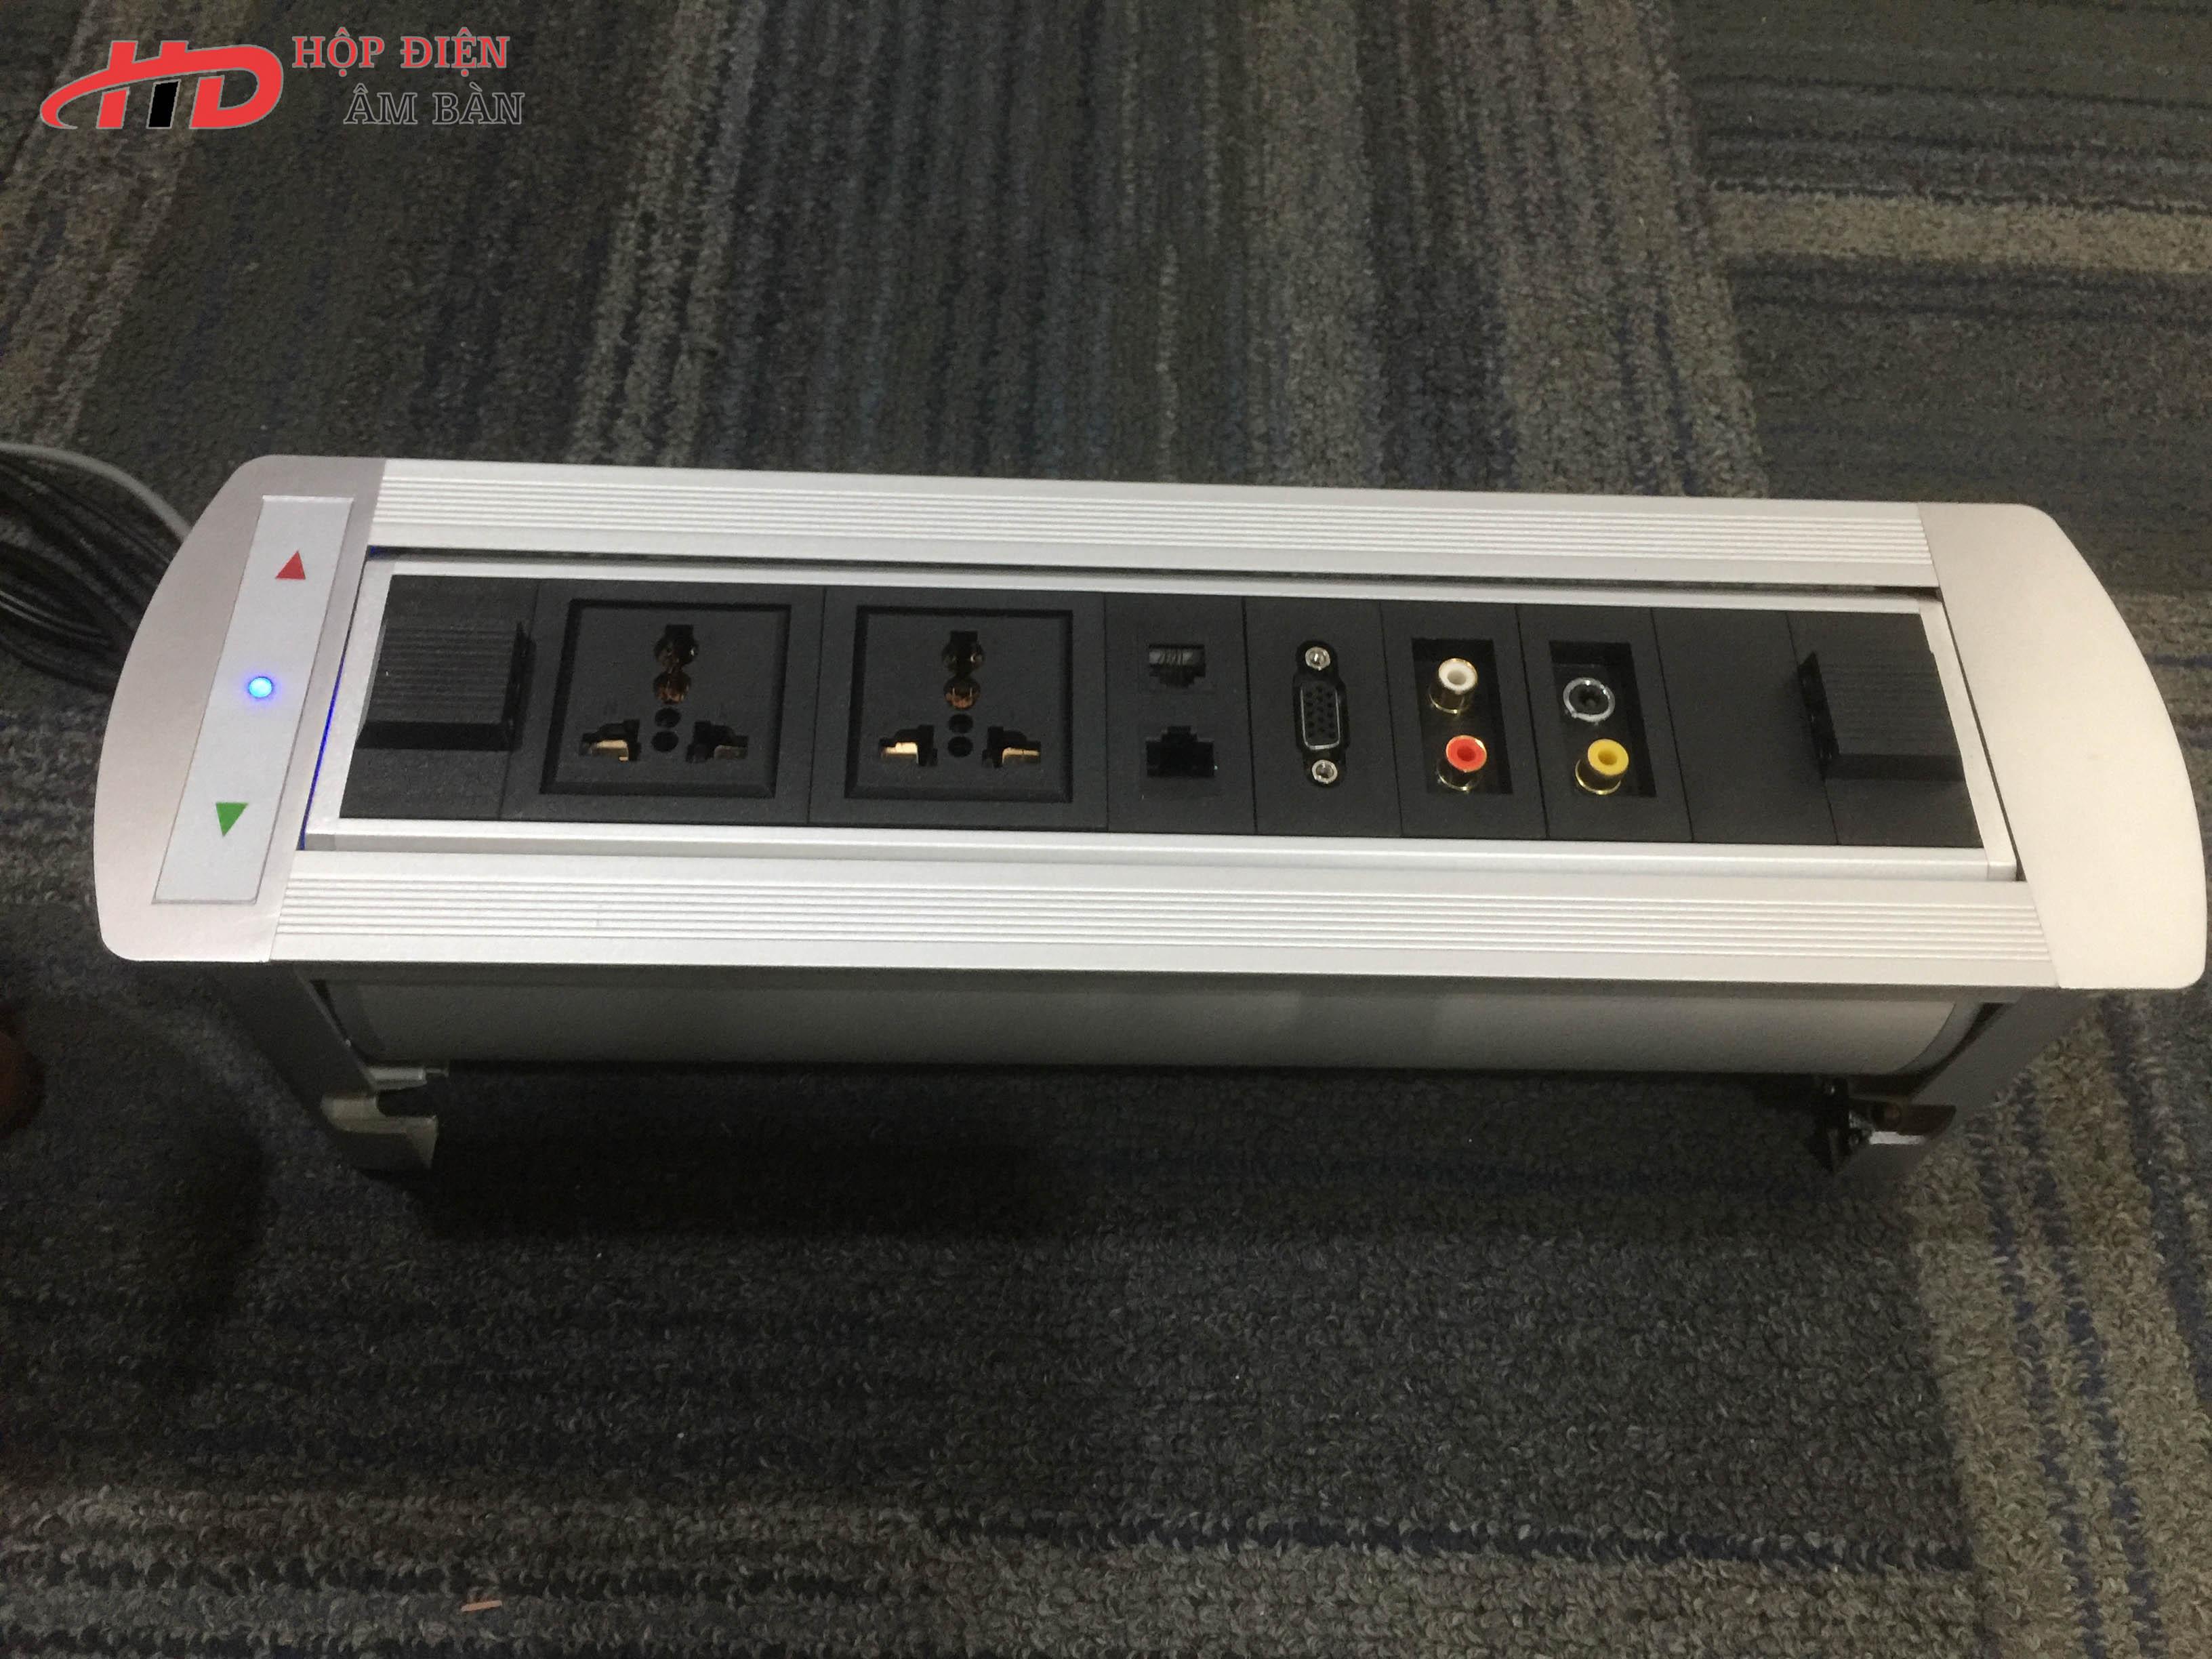 Hộp điện âm bàn HDMD-SA4.5